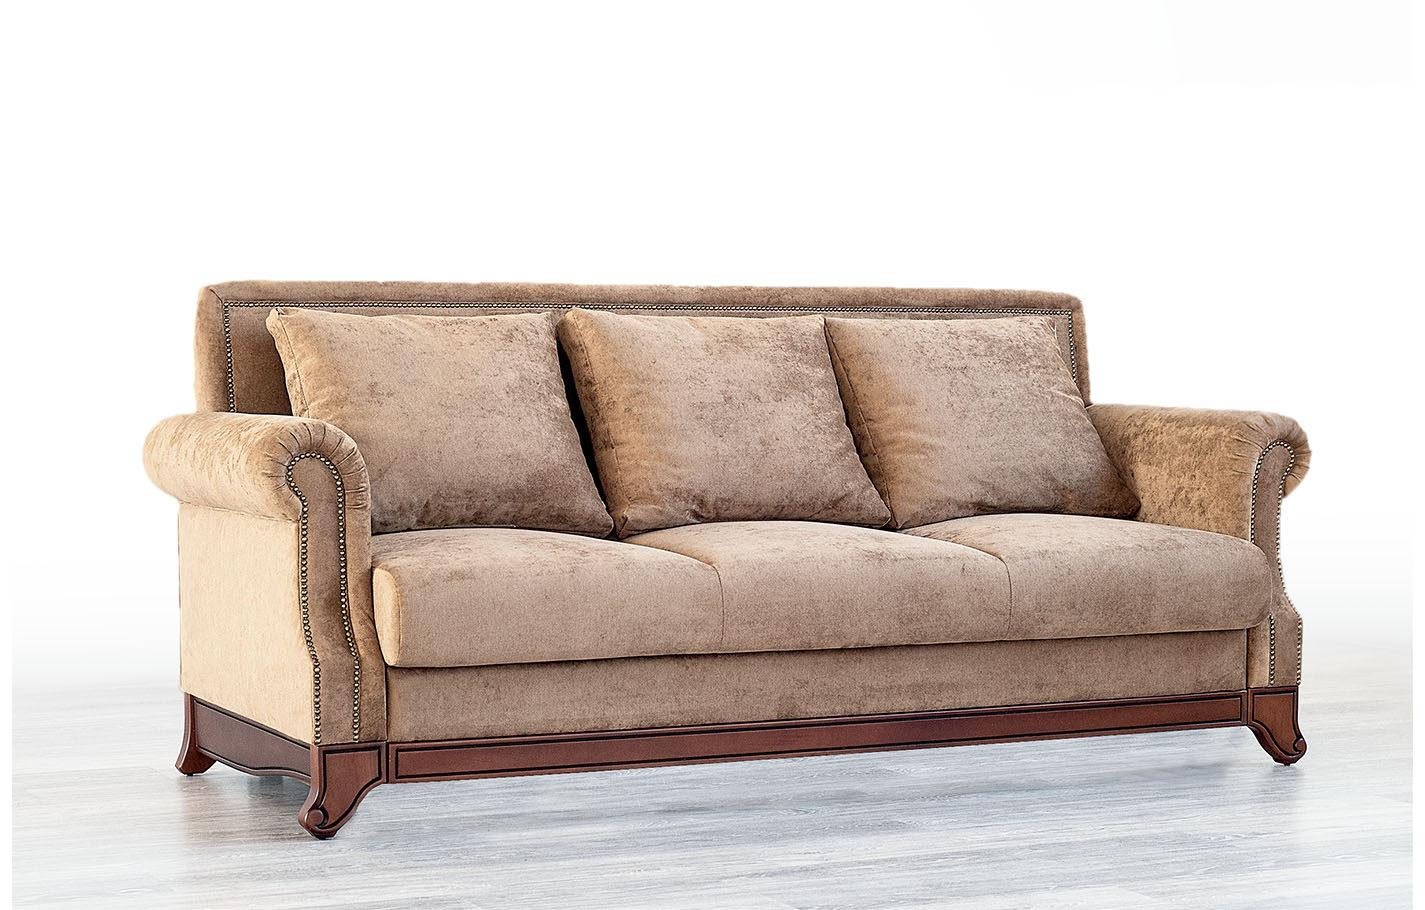 sofa_Kondor_2-e1548321204921